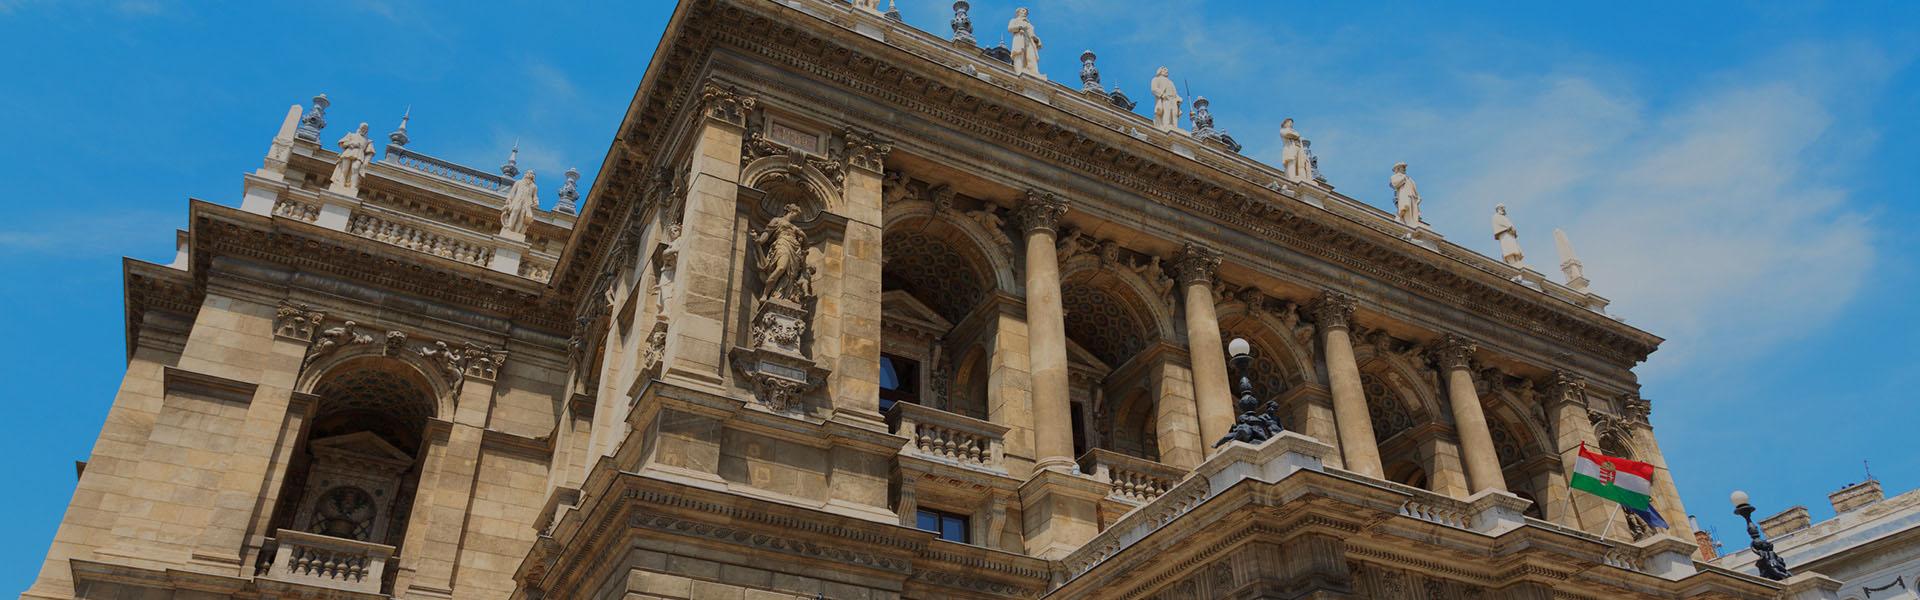 Az Operaház Budapesten a folyó felől